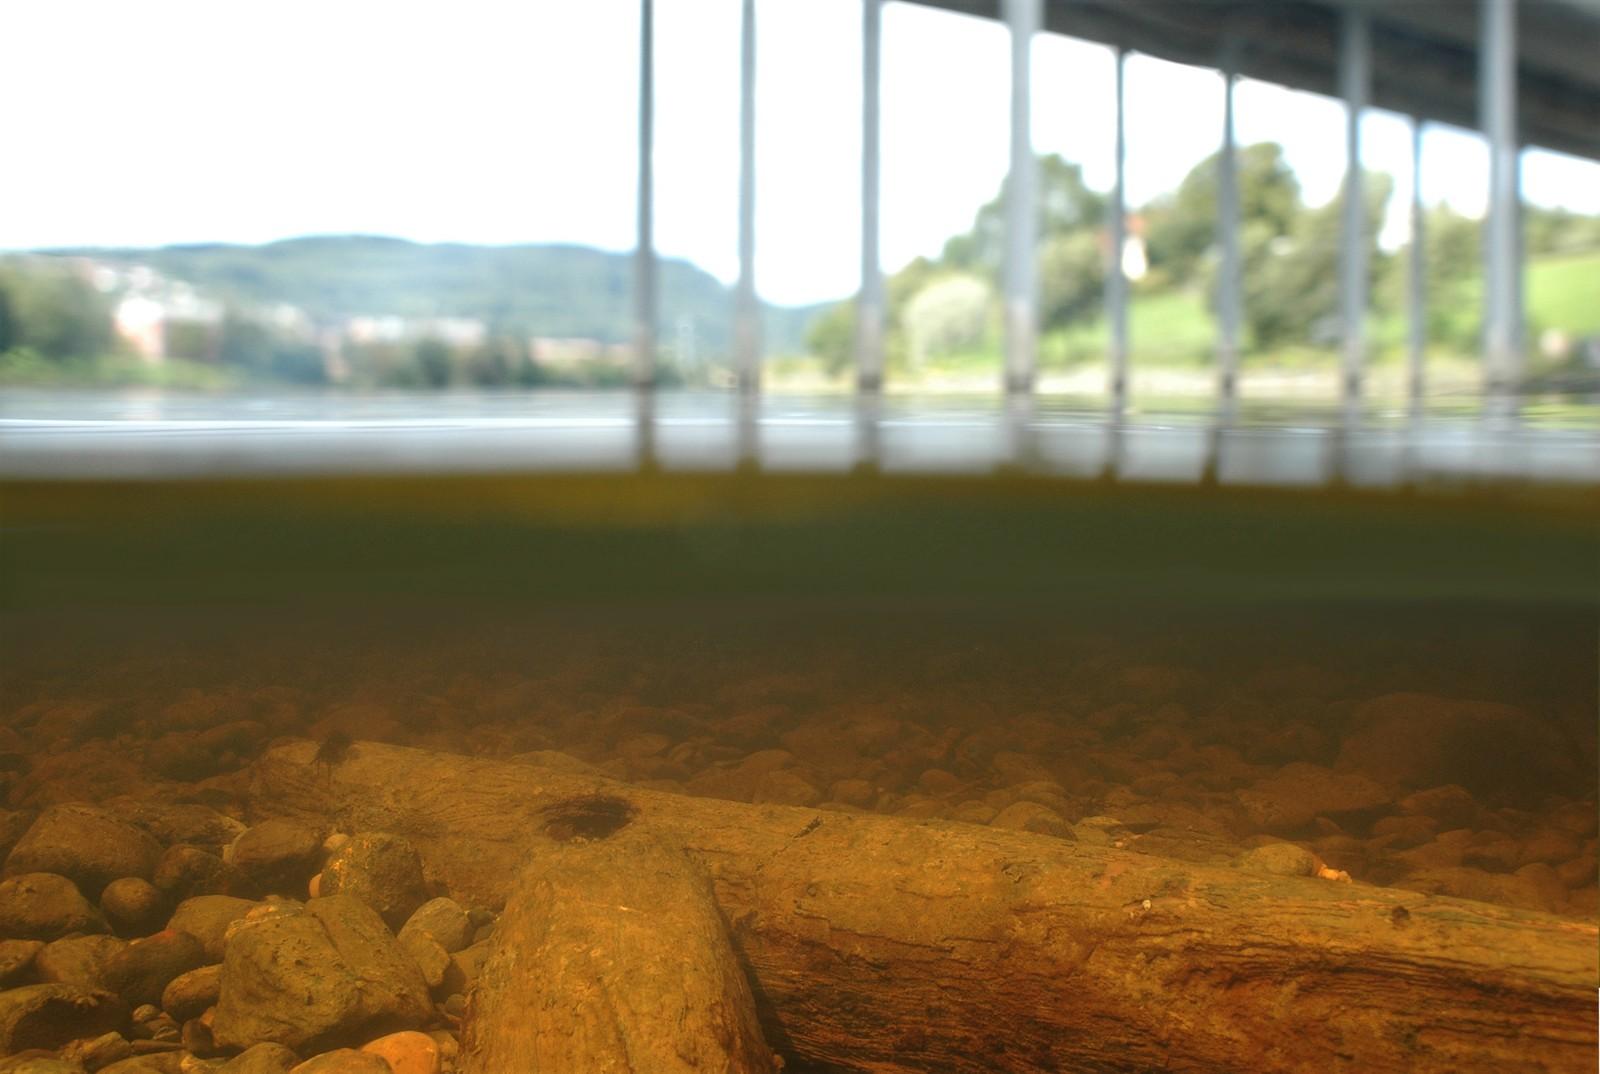 Når en står på nåtidens Elgeseter bru, kan en se tydelige spor etter en tidligere bro i elva under. I 2009 fikk NTNU Vitenskapsmuseet datert tømmeret, som viste seg å være fra 1260-tallet. Middelalderens Elgeseter bru lå omtrent der den ligger i dag, fra 1100-tallet og fram til 1680-årene. Trebrua var trolig nærmere 150 meter lang, noe som gjorde den til Norges desidert lengste bru i middelalderen. Begge de to lengste norske bruene i middelalderen fantes faktisk i Trøndelag. Den nest lengste gikk ut til Steinvikholmen.